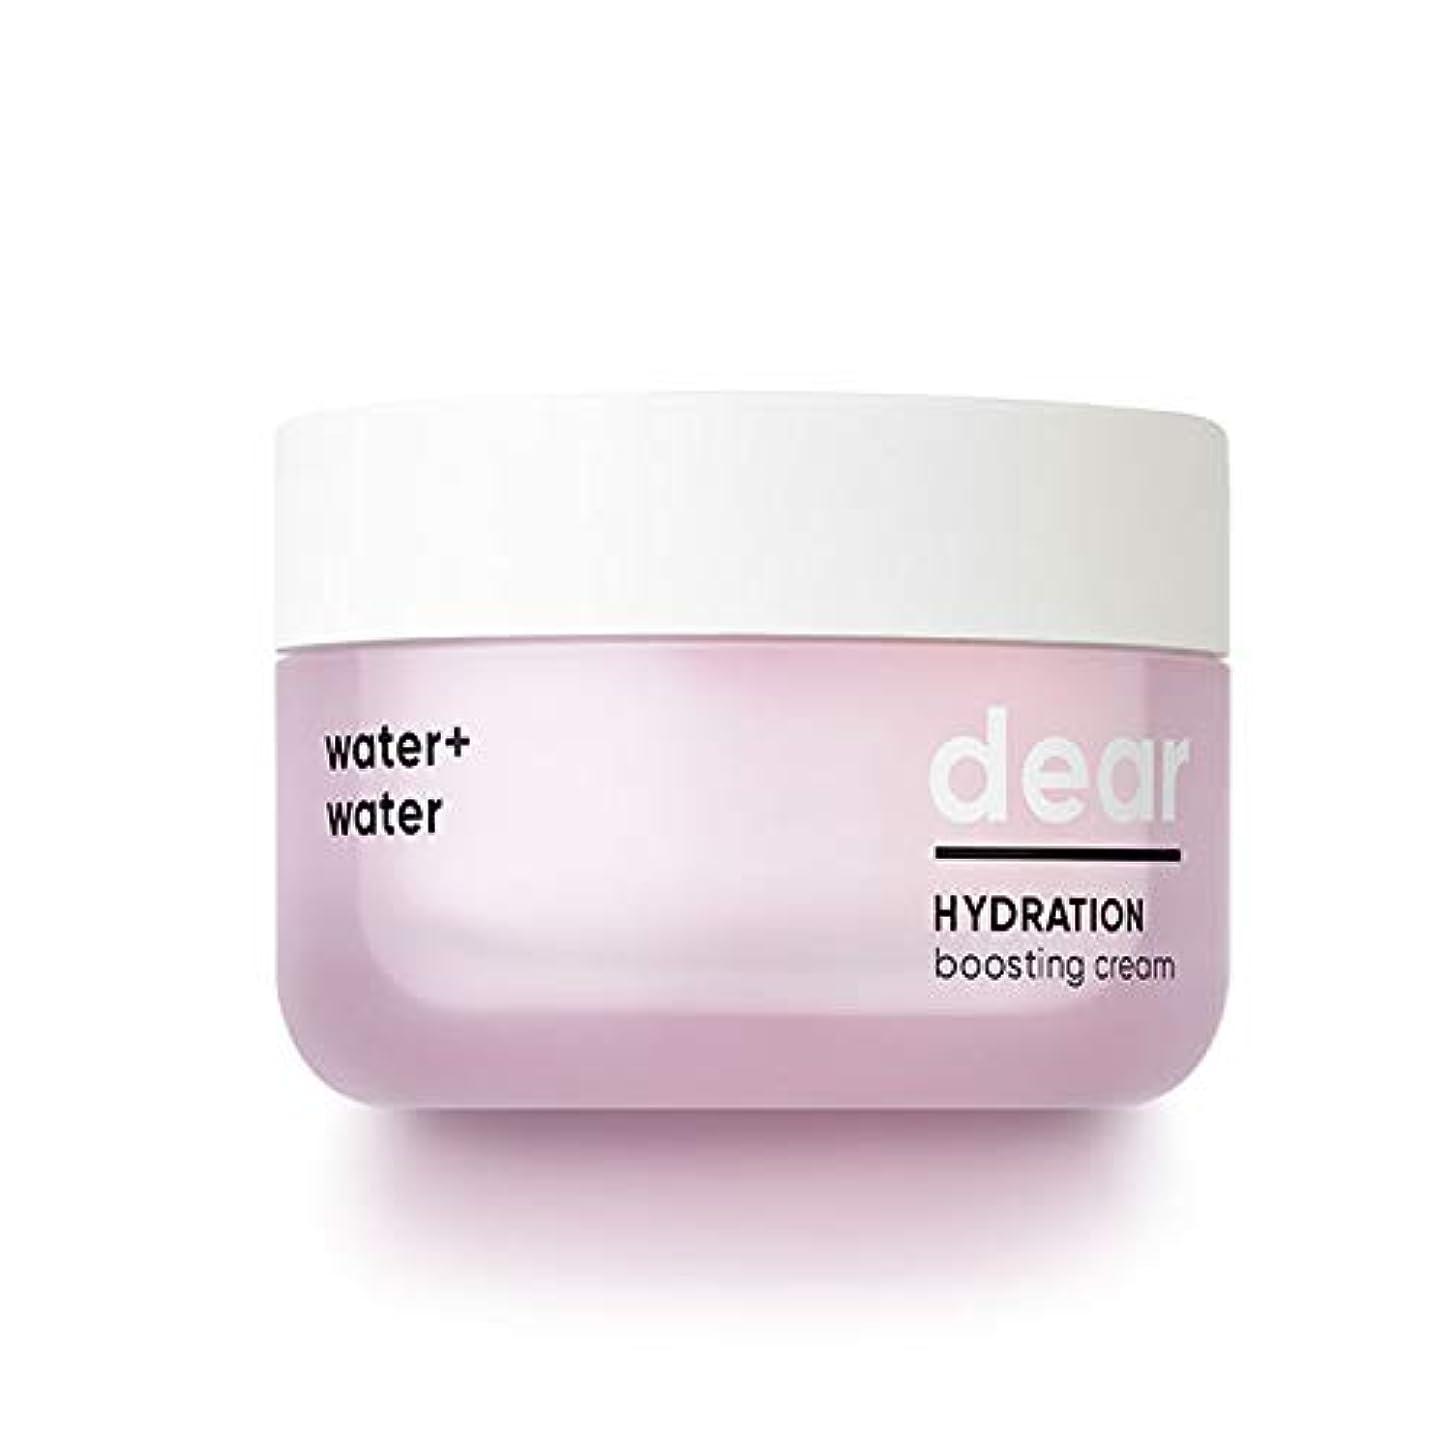 外向き唯物論サーキュレーションBANILA CO(バニラコ) ディア ハイドレーション ブースティングクローム Dear Hydration Boosting Cream